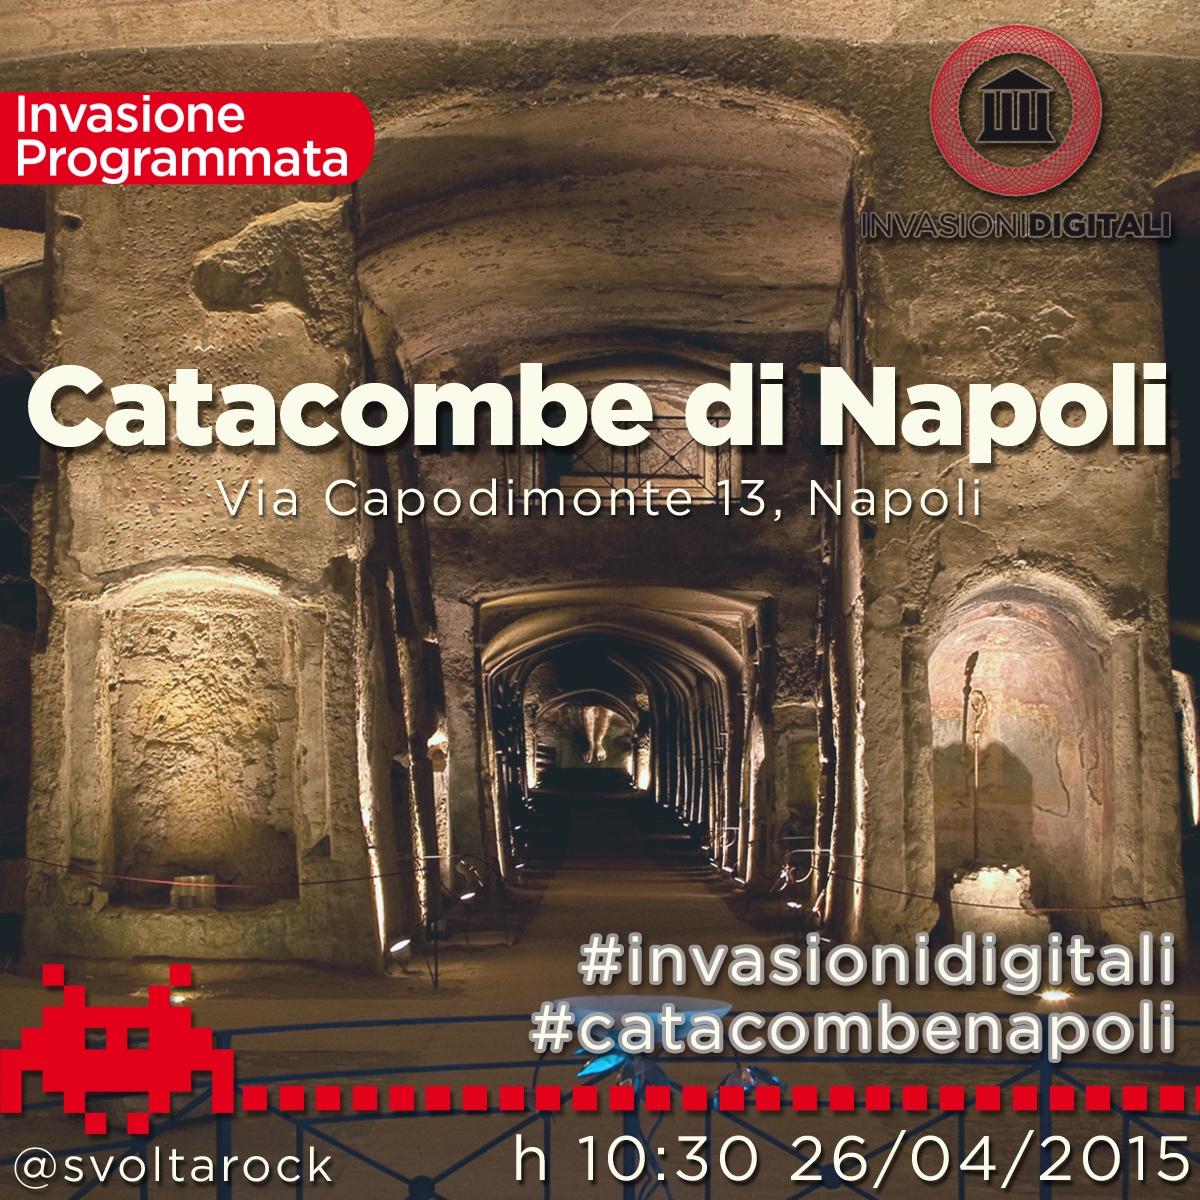 Invasionidigitali catacombenapoli invasione digitale alle catacombe - Invasione di formiche in cucina ...